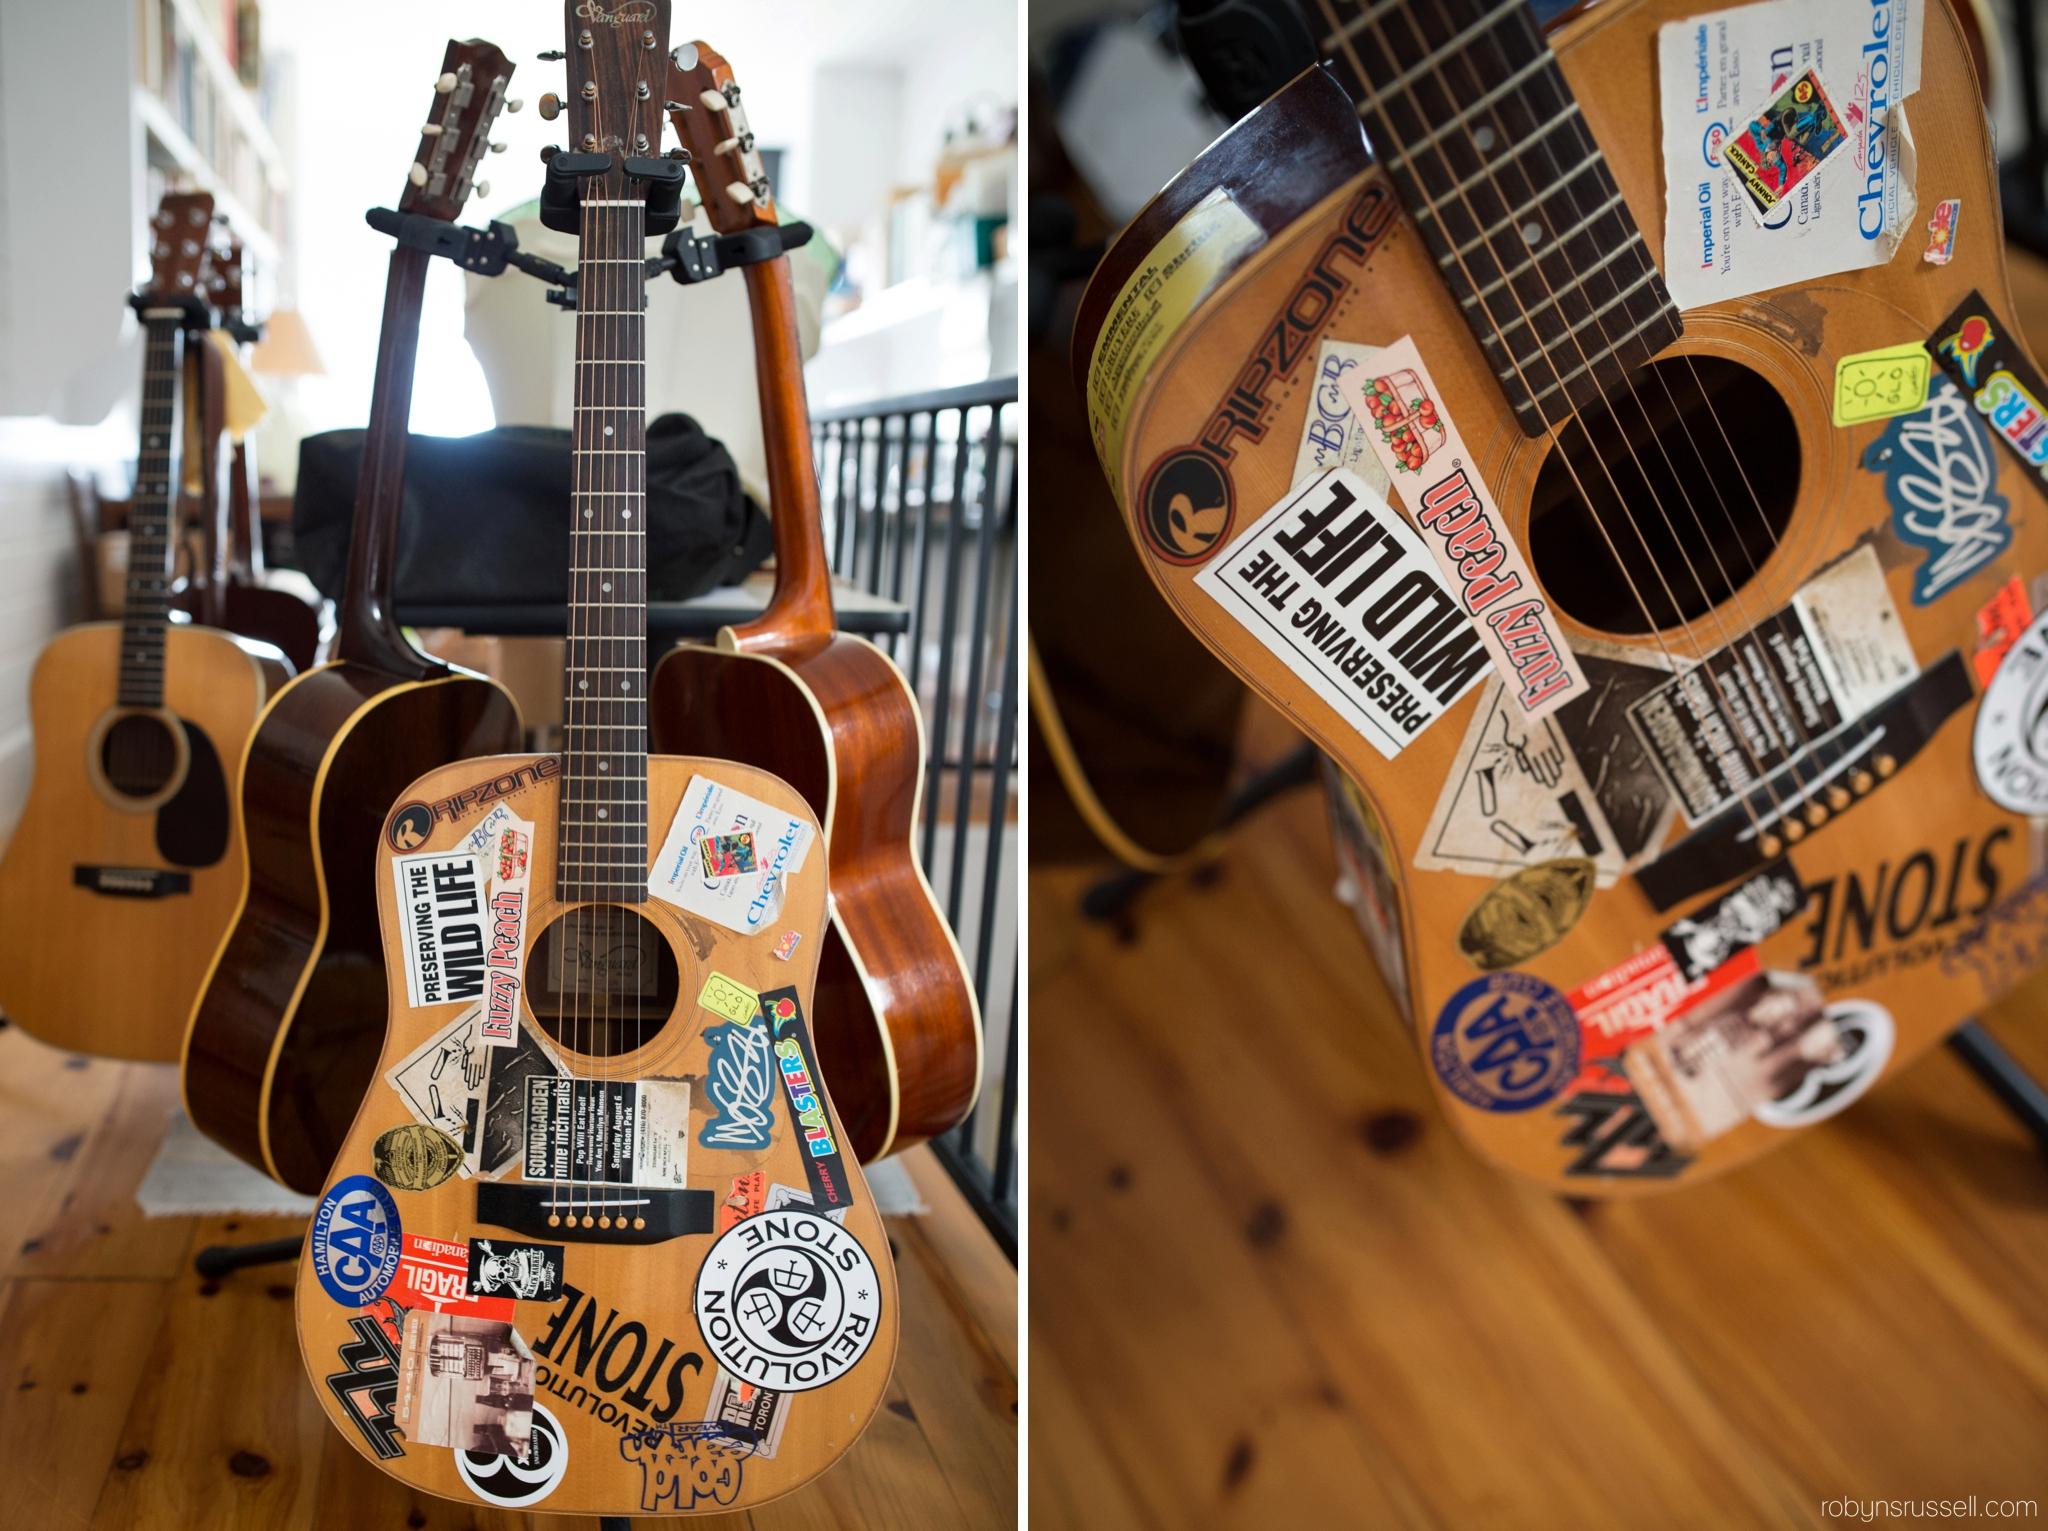 20-guitars-music-collingwood-cottage.jpg